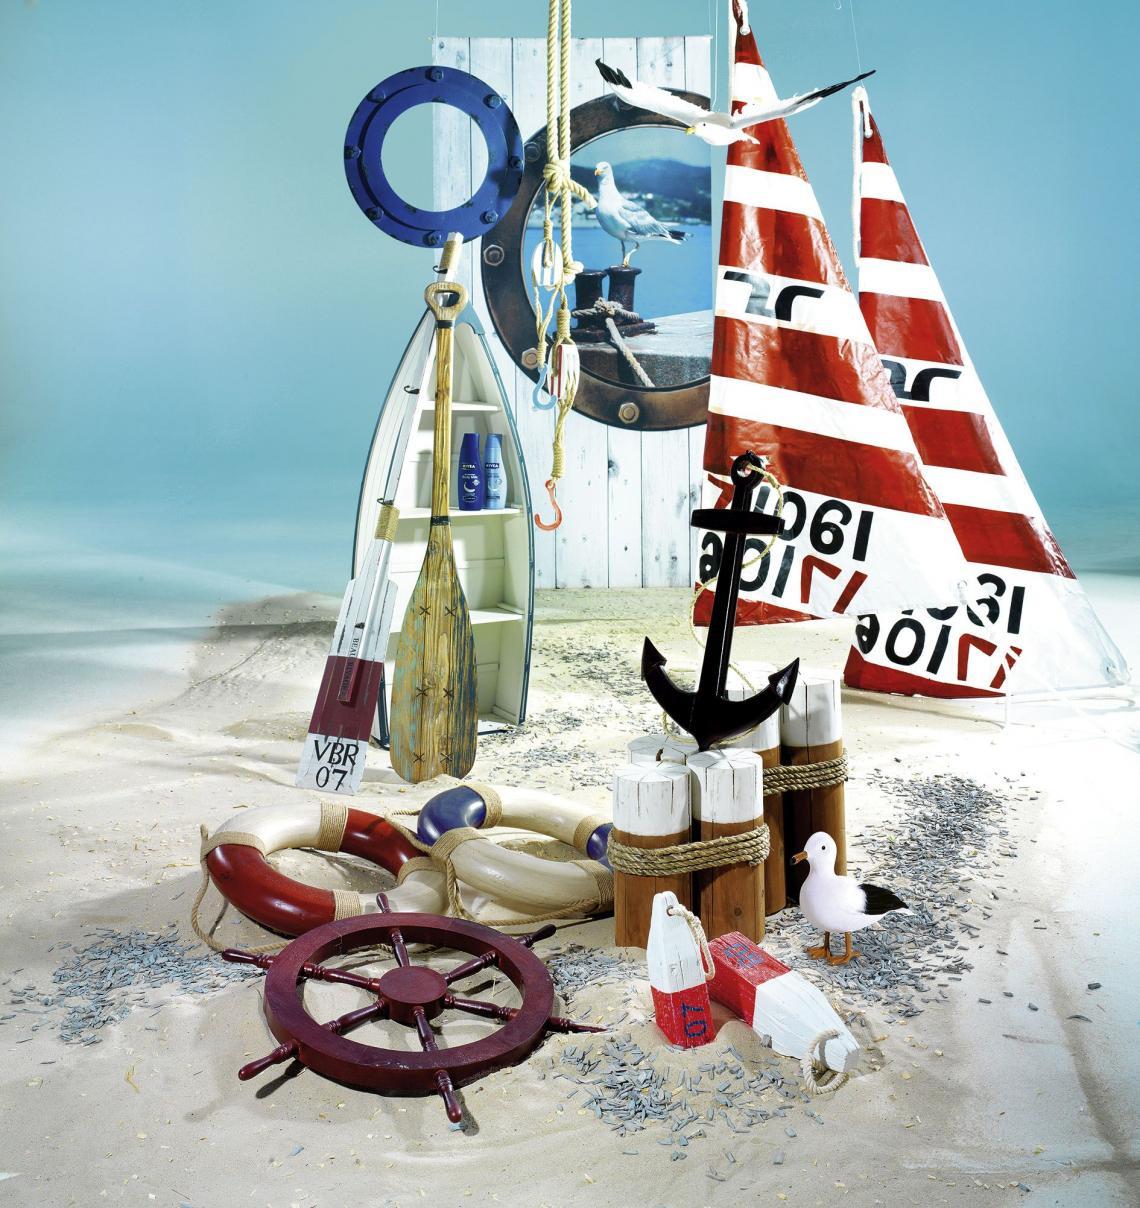 Deko Spezialist Woerner - Meeresblaue Inspirationen